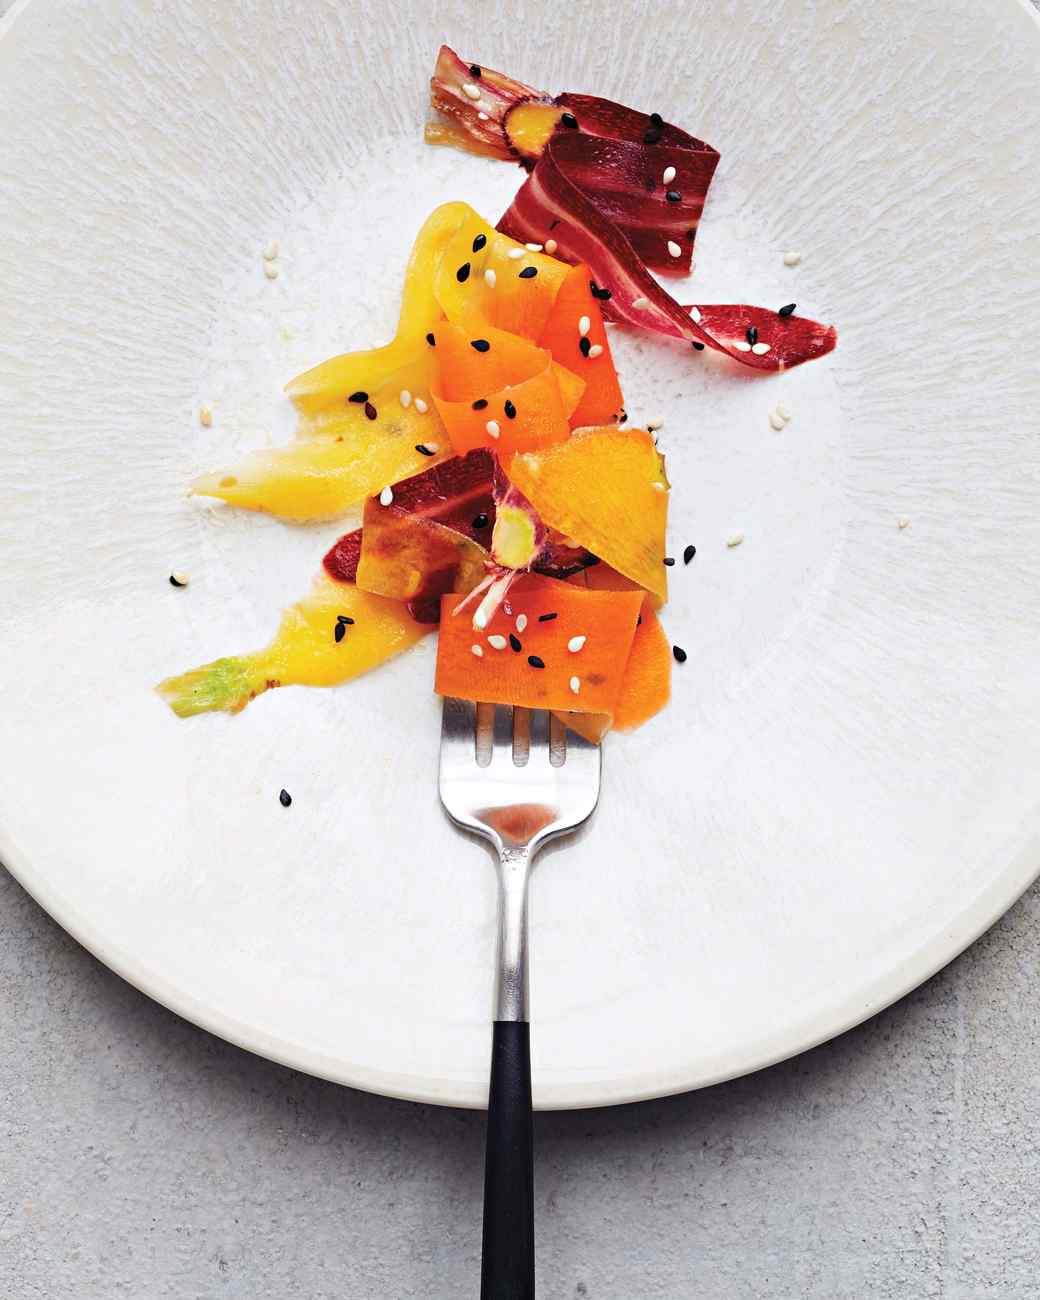 carrot-sesame-0162-d112652-2-0416.jpg